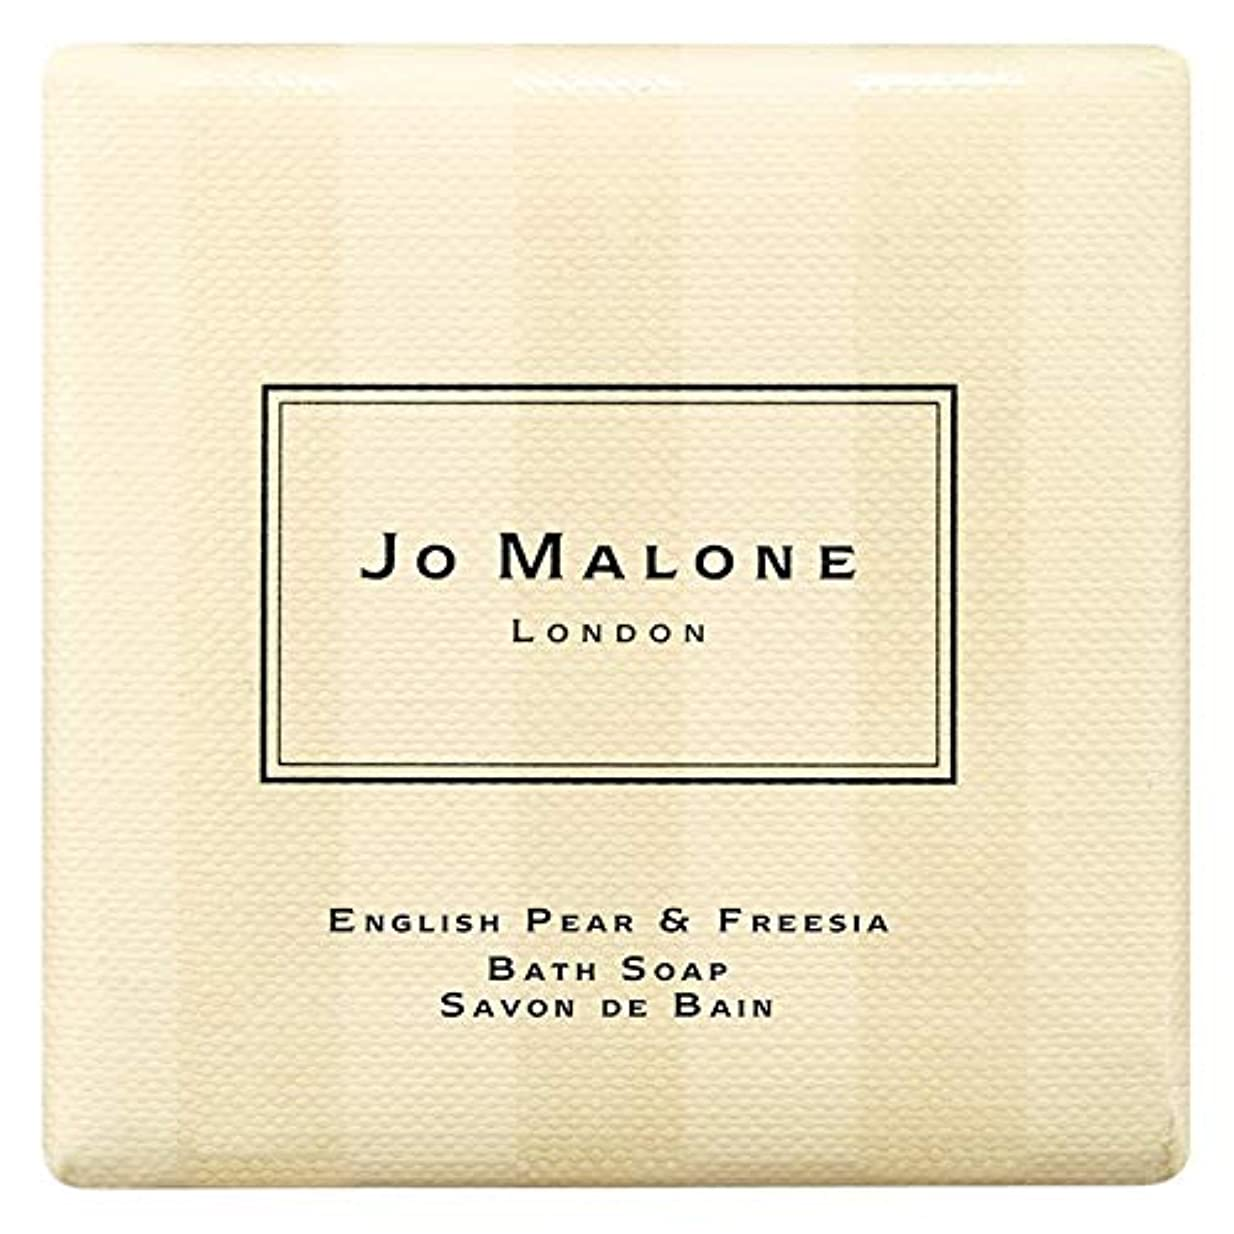 先住民なめらかエレメンタル[Jo Malone] ジョーマローンロンドン英語梨&フリージア入浴石鹸100グラム - Jo Malone London English Pear & Freesia Bath Soap 100g [並行輸入品]